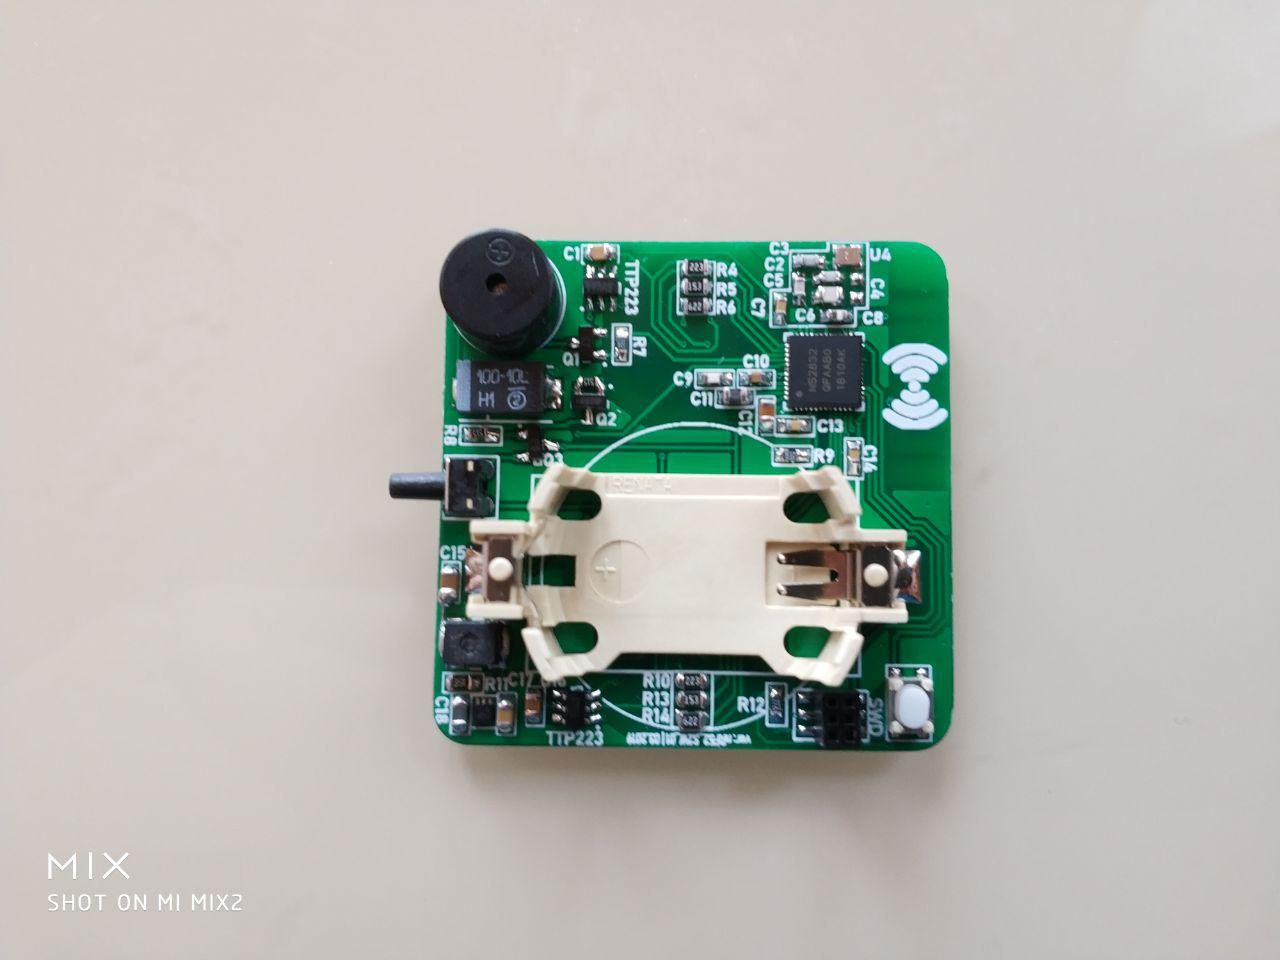 Сенсорный мини выключатель cо стеклянной панелью на nRF52832 - 4